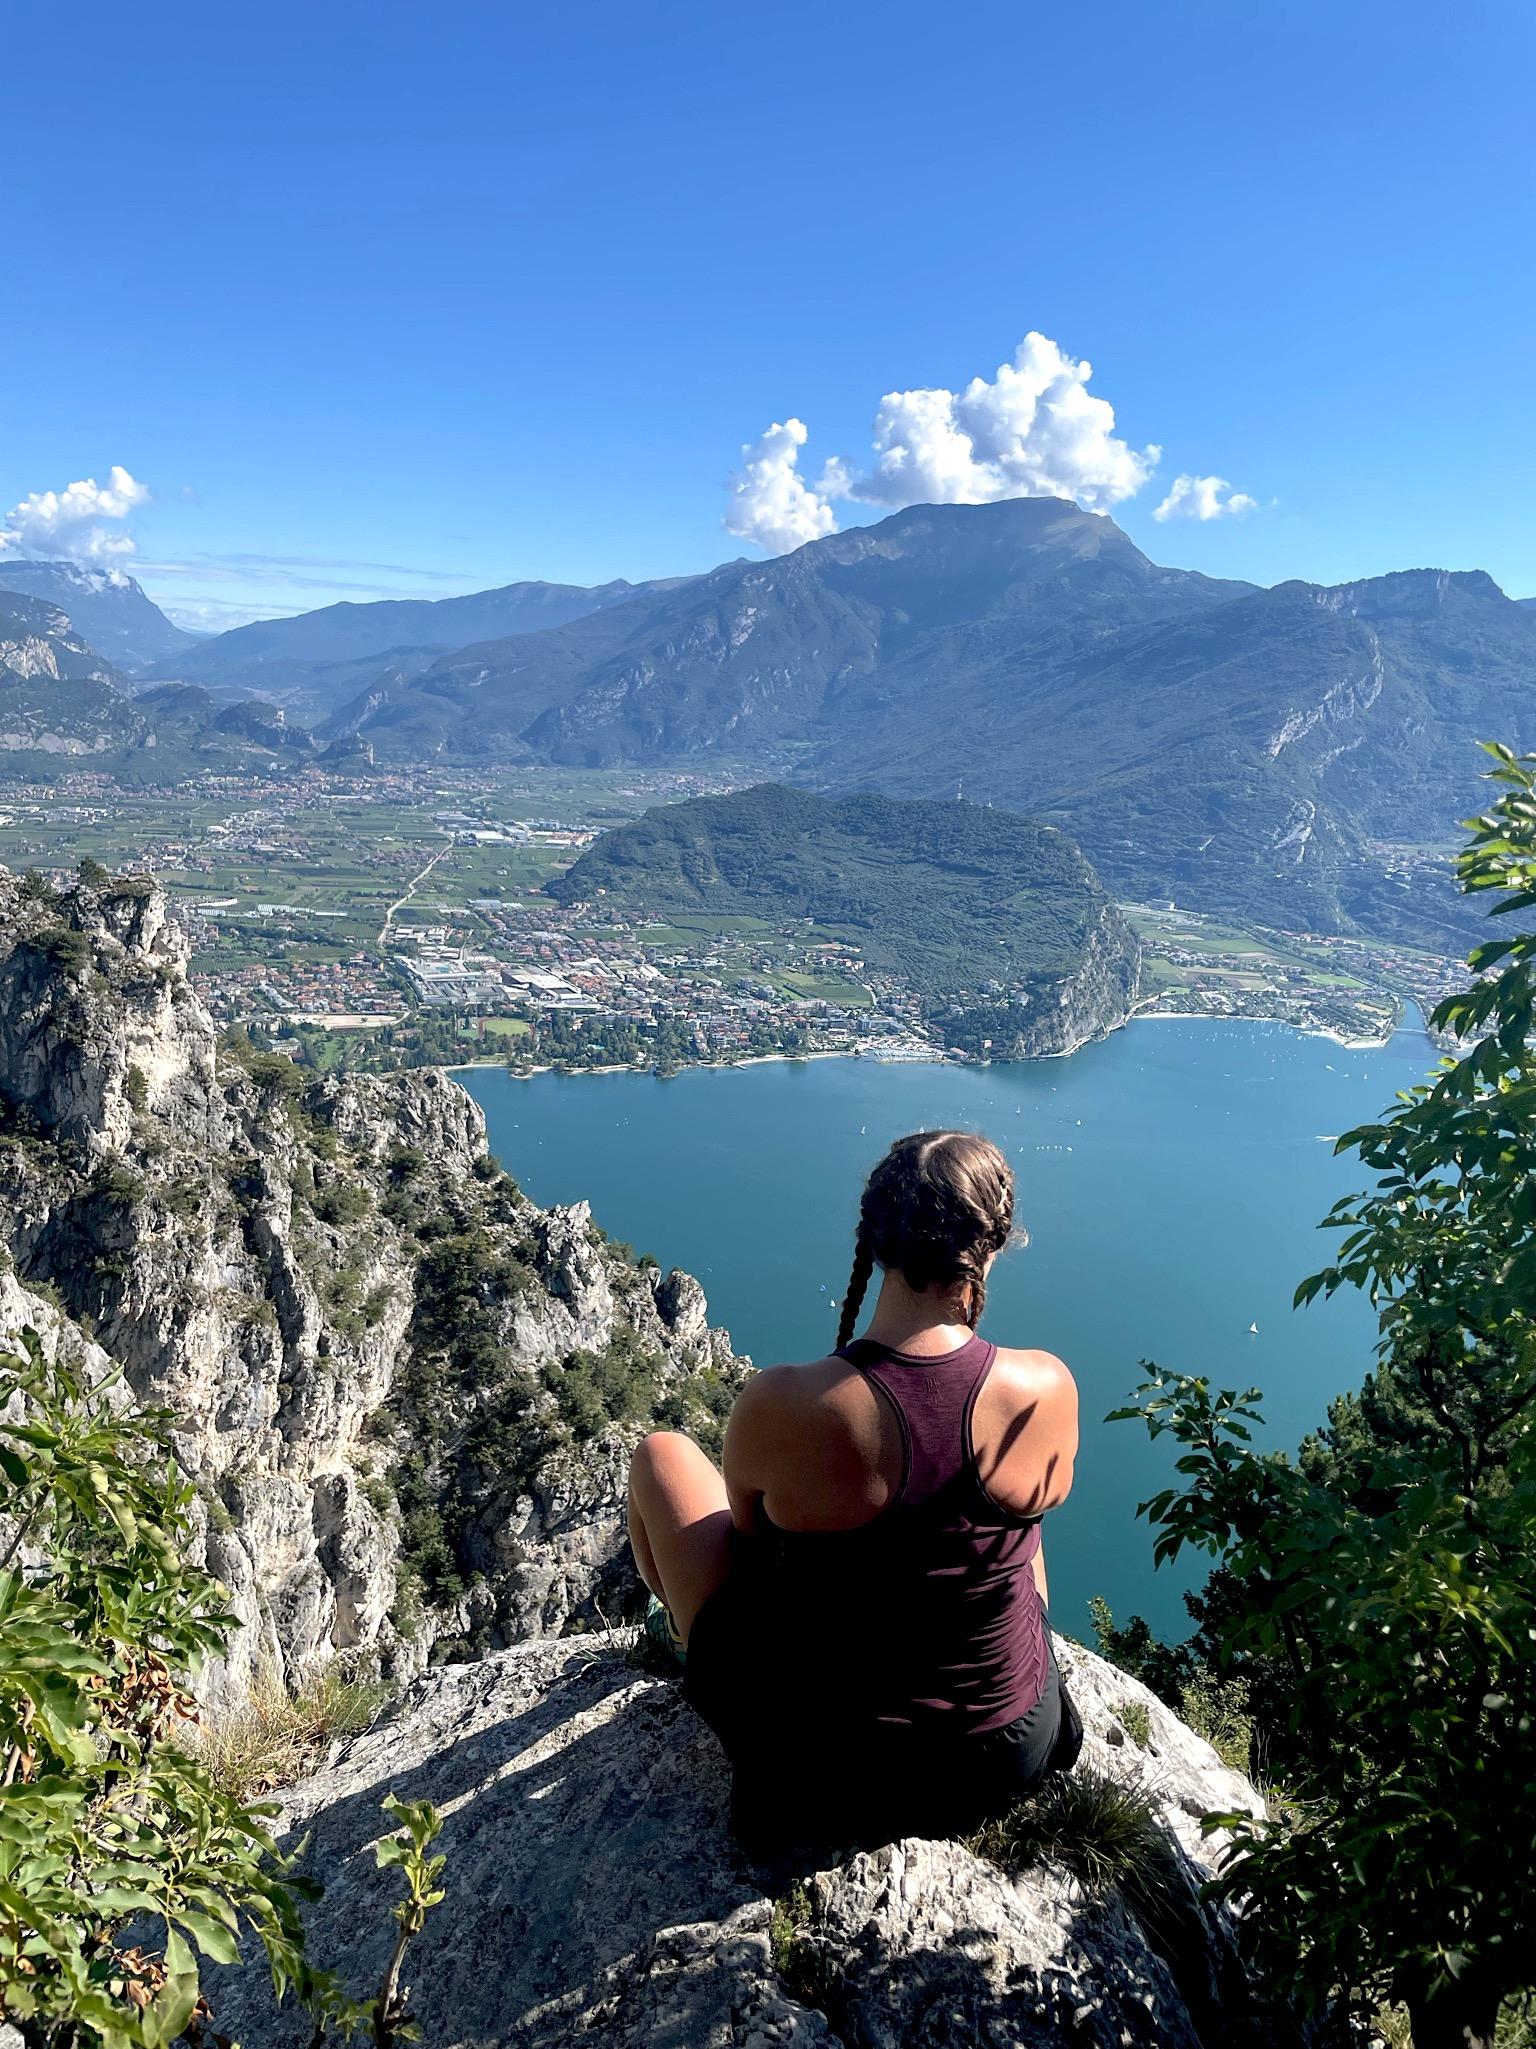 Grandioser Ausblick auf den Gardasee